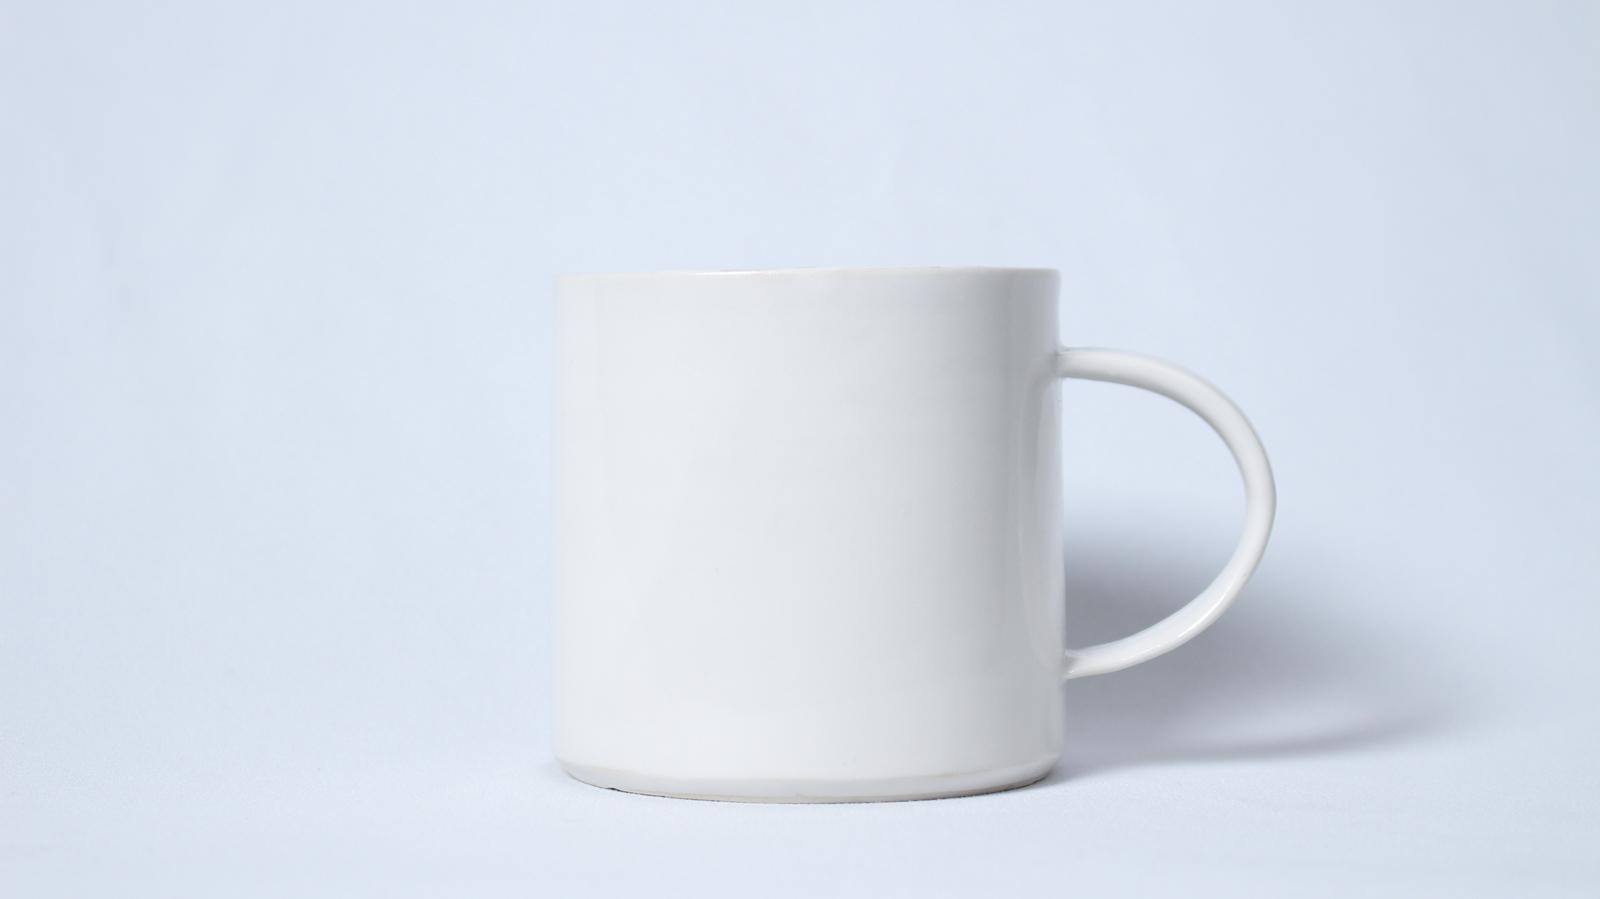 プラチナ銀彩マグカップ(白・中)